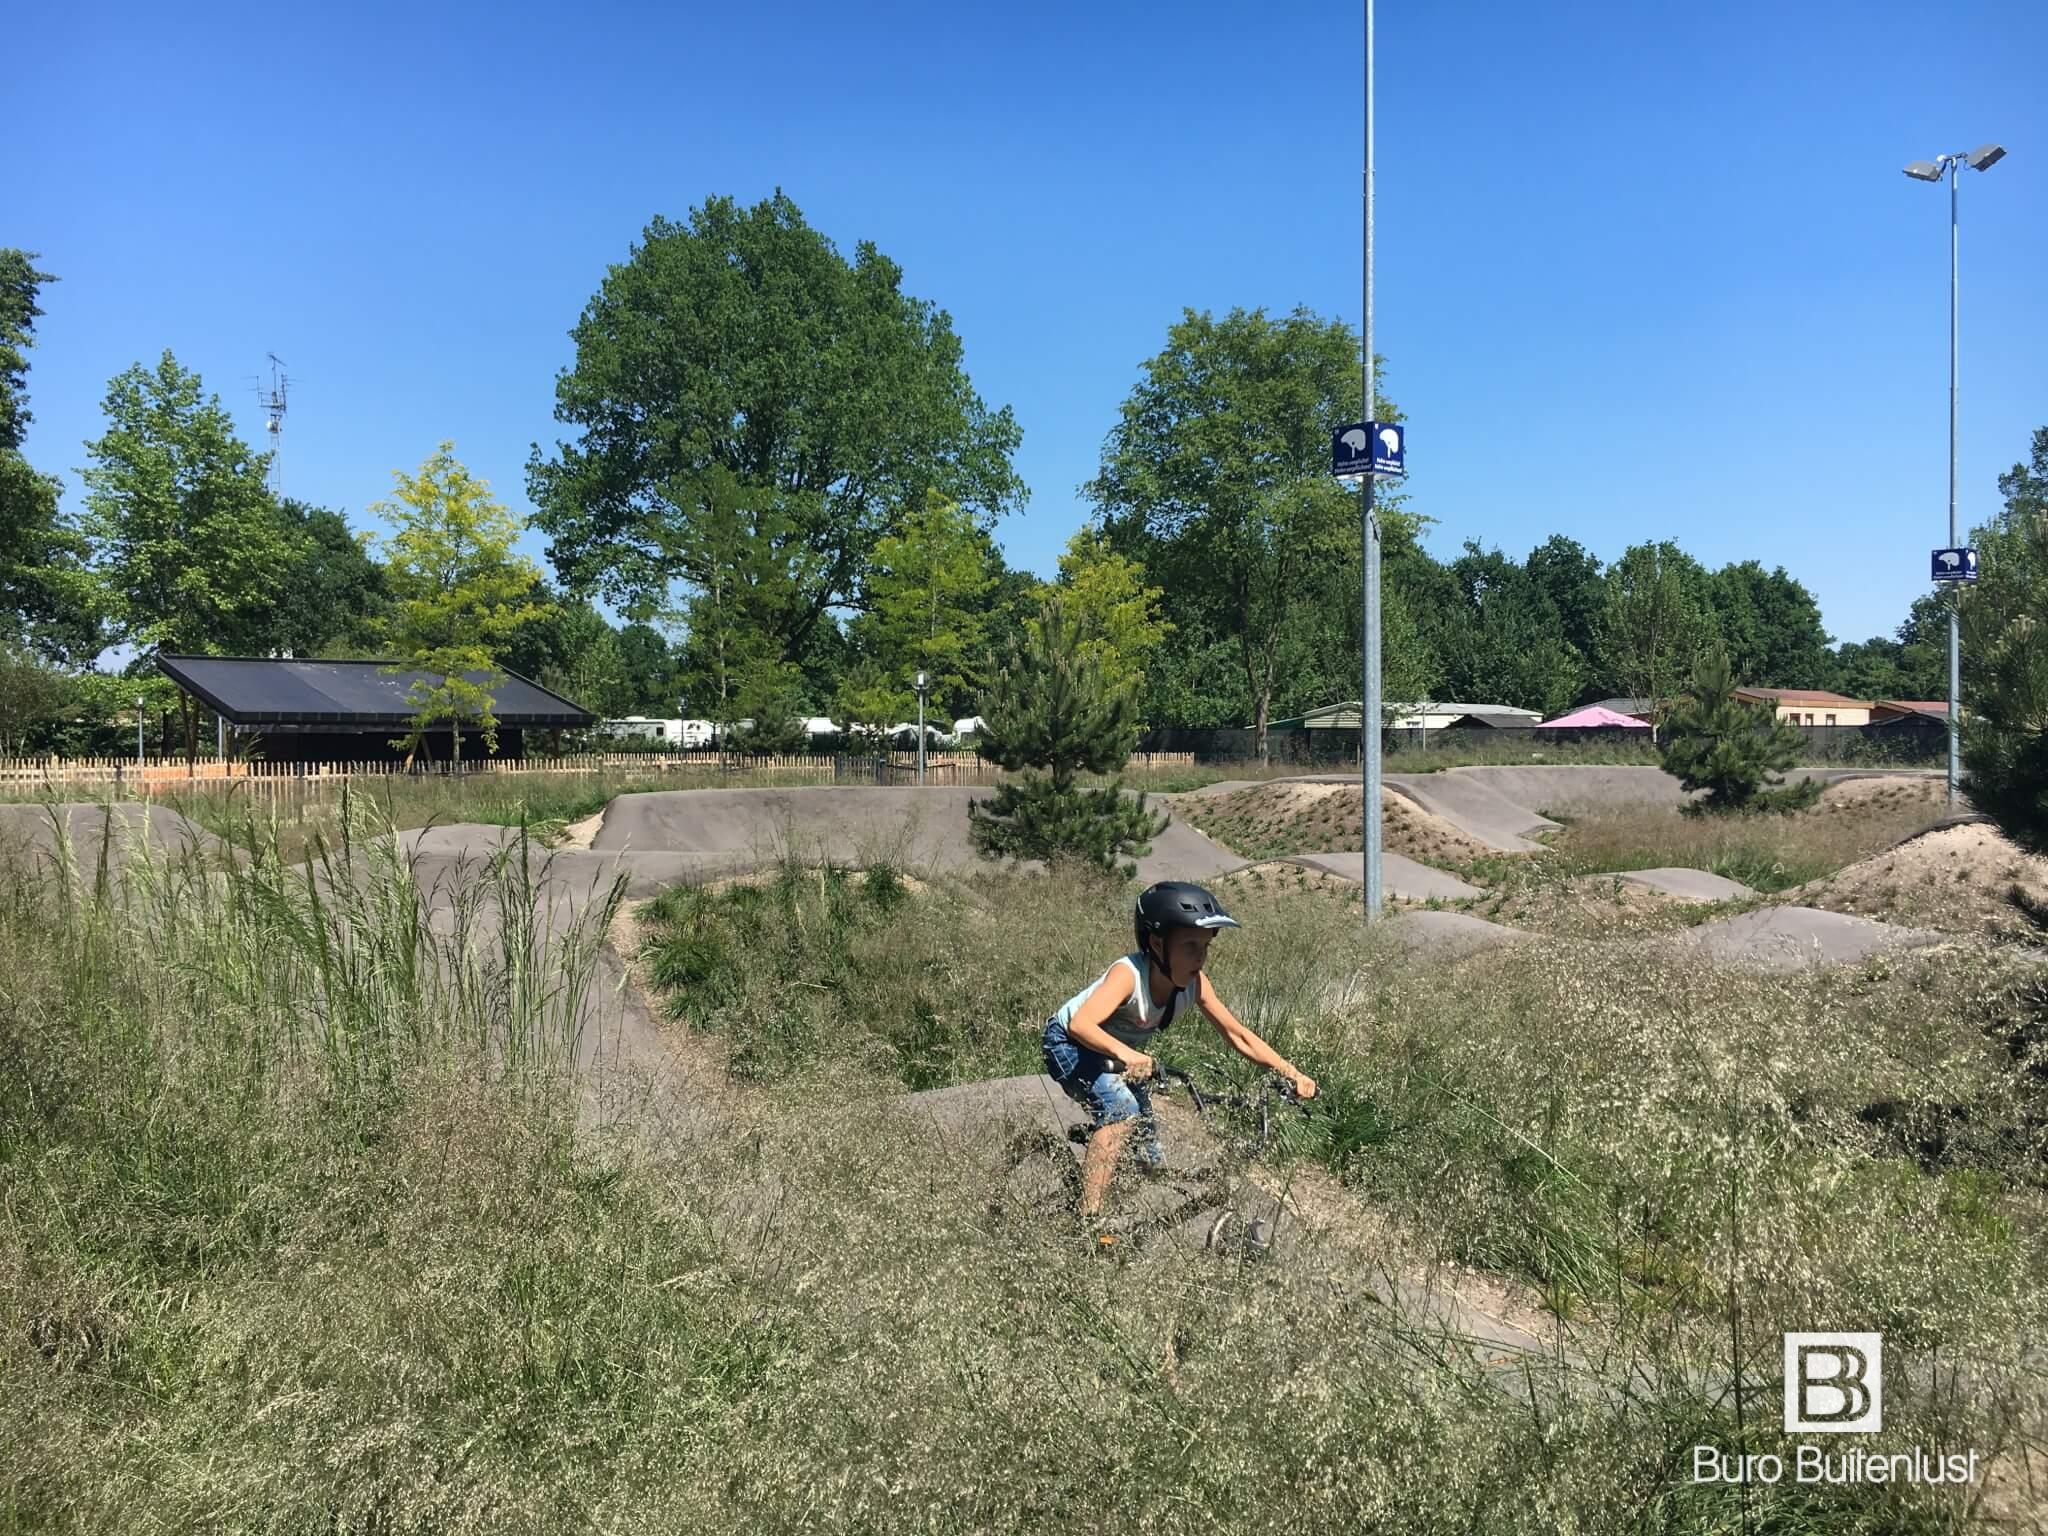 Pumptrack recreatie en sportterreinen